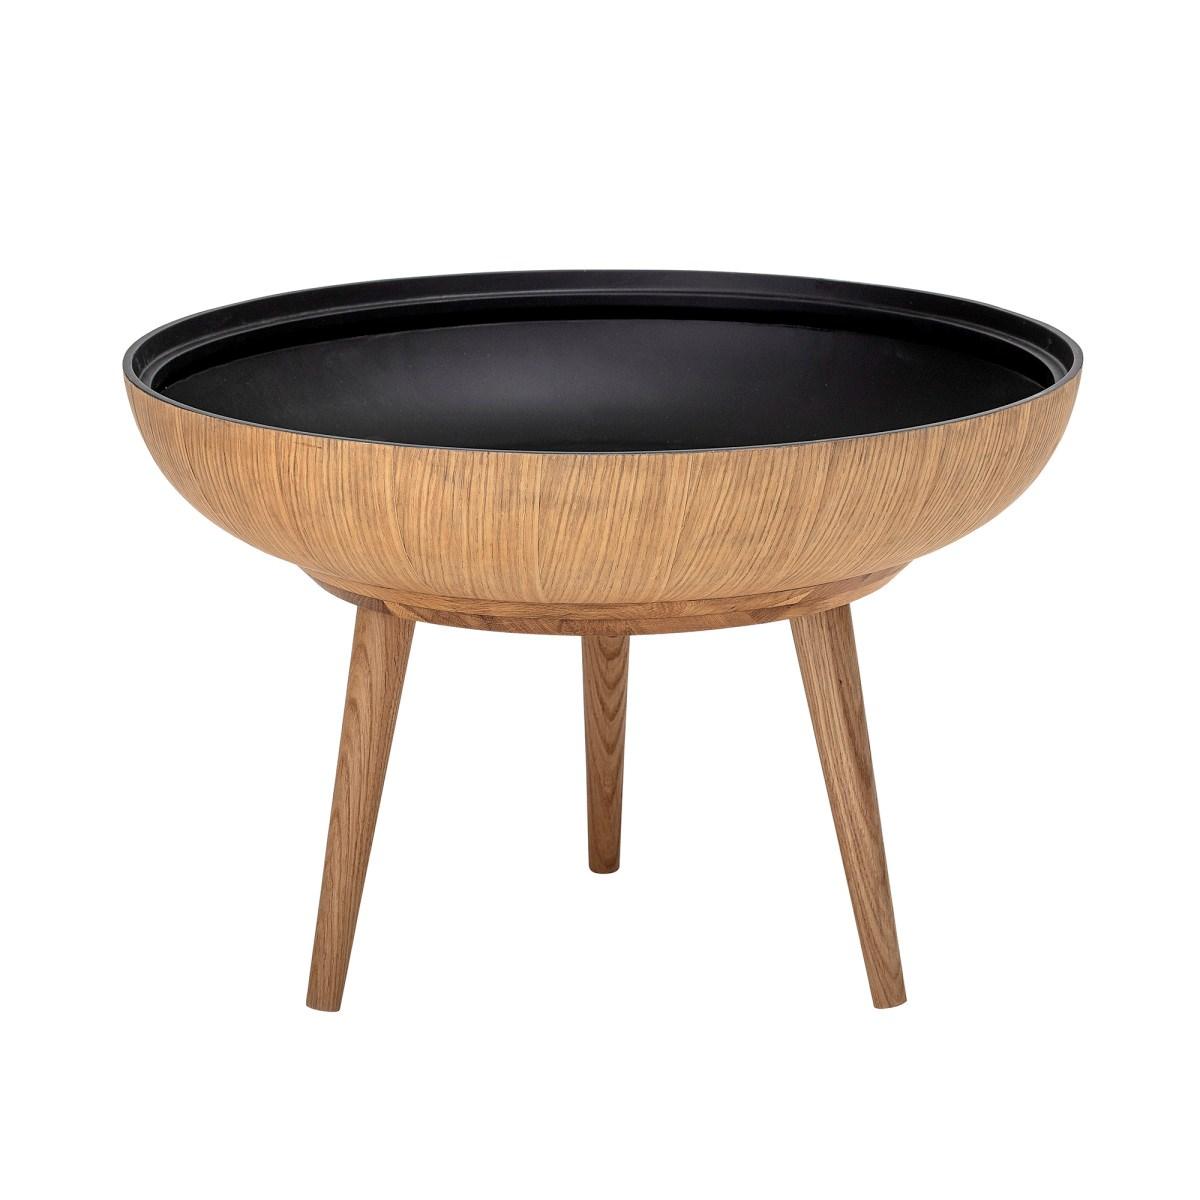 Konferenční stolek s úlož. prostorem Ronda dubový_3